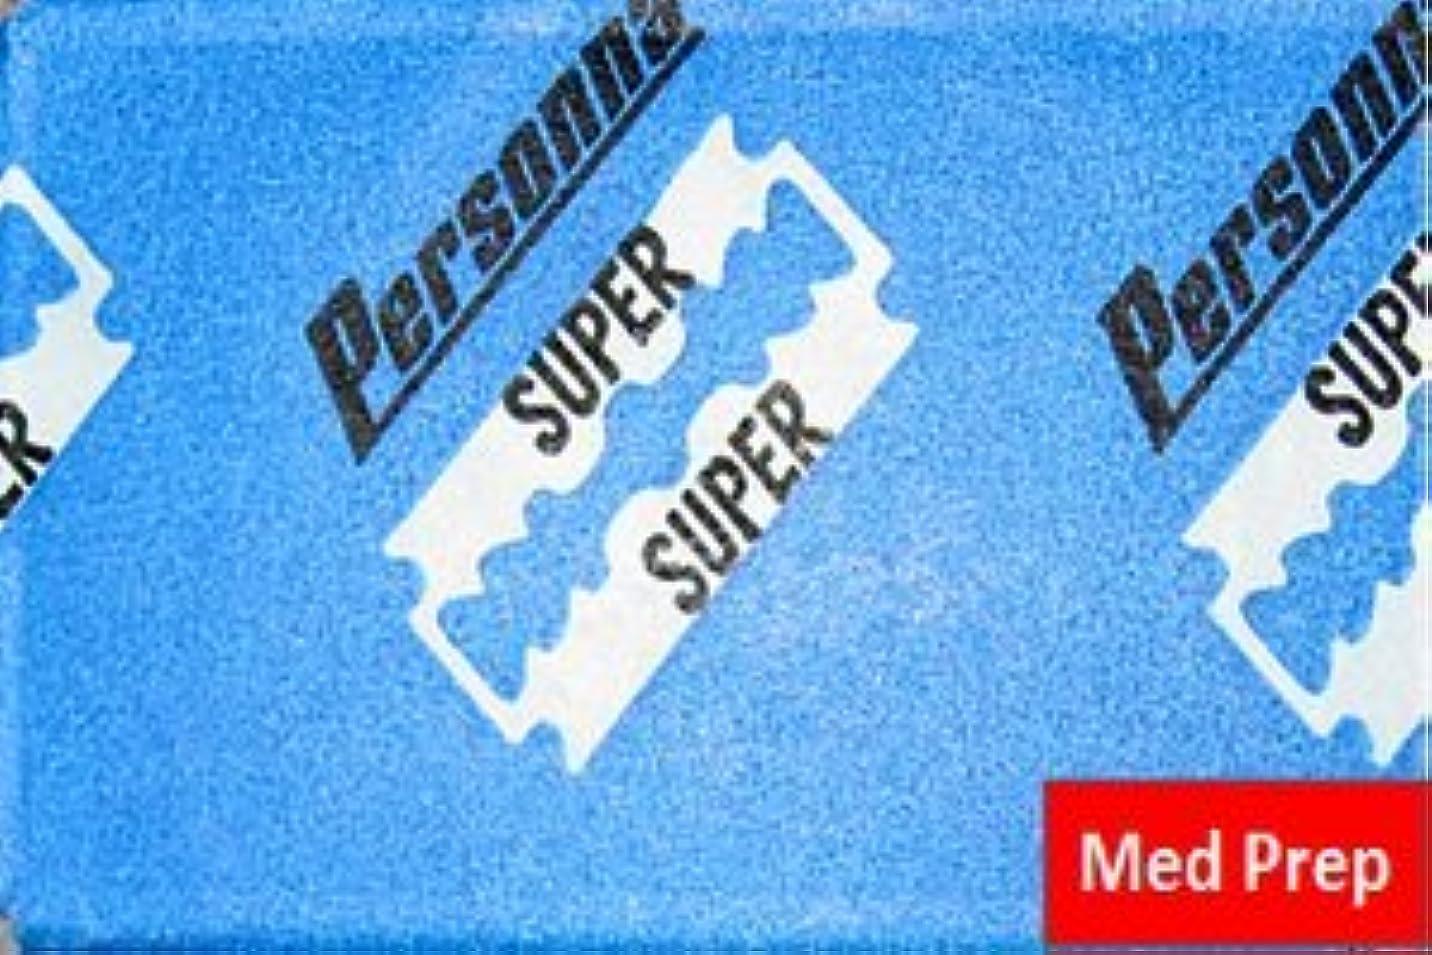 遠近法発行ランクPersonna Med Prep 両刃替刃 5枚入り(5枚入り1 個セット)【並行輸入品】